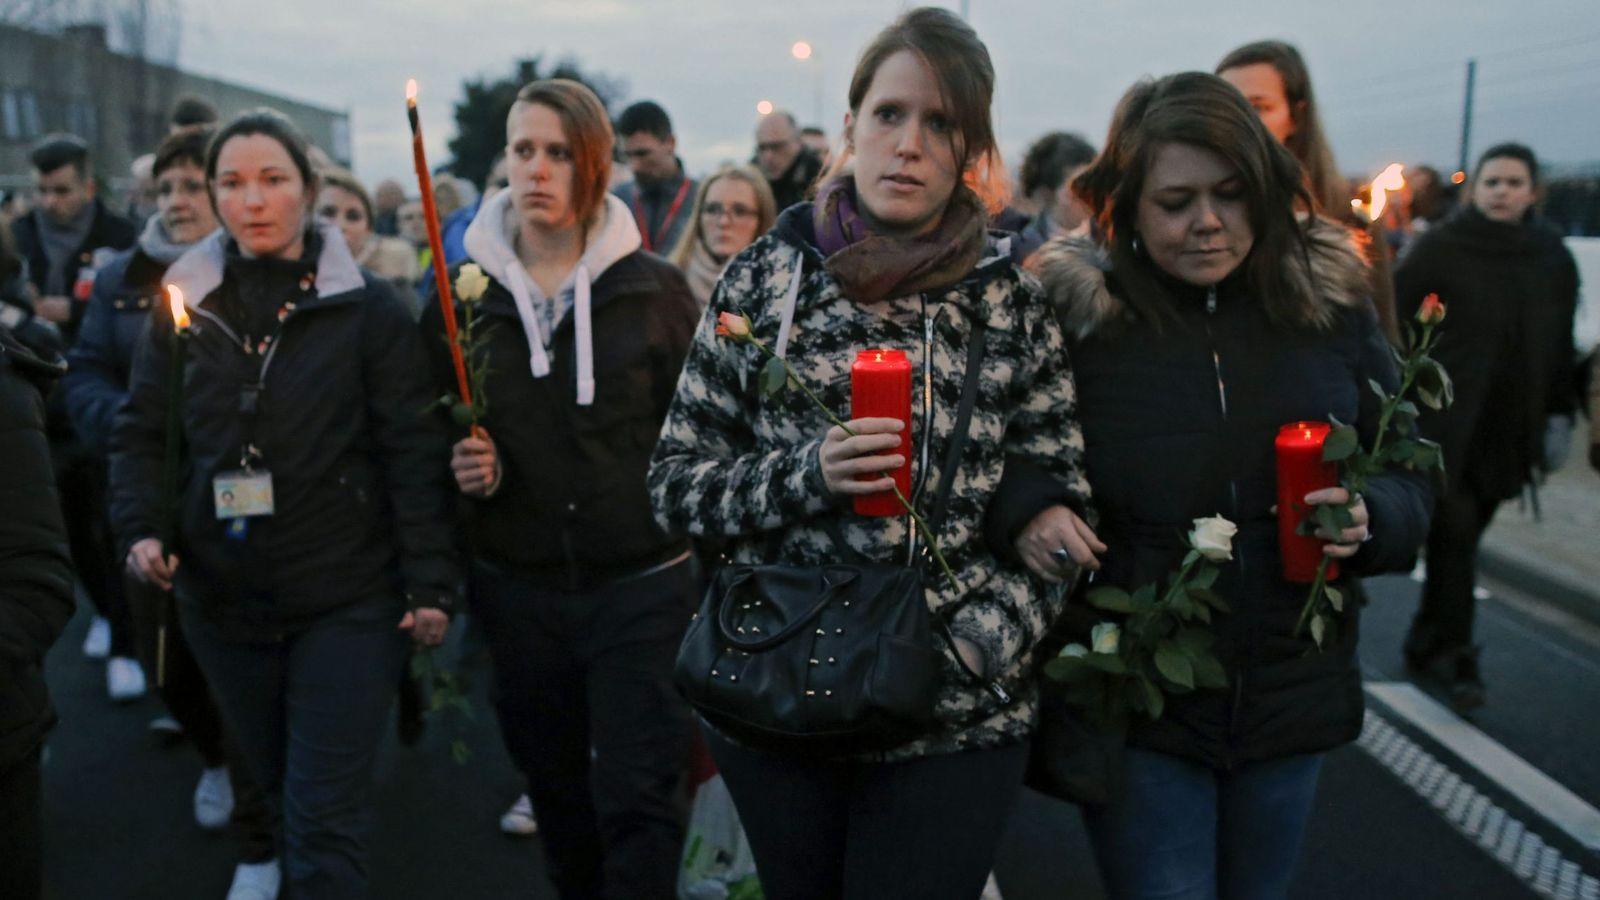 Foto: Marcha silenciosa en memoria de las víctimas. (Efe)